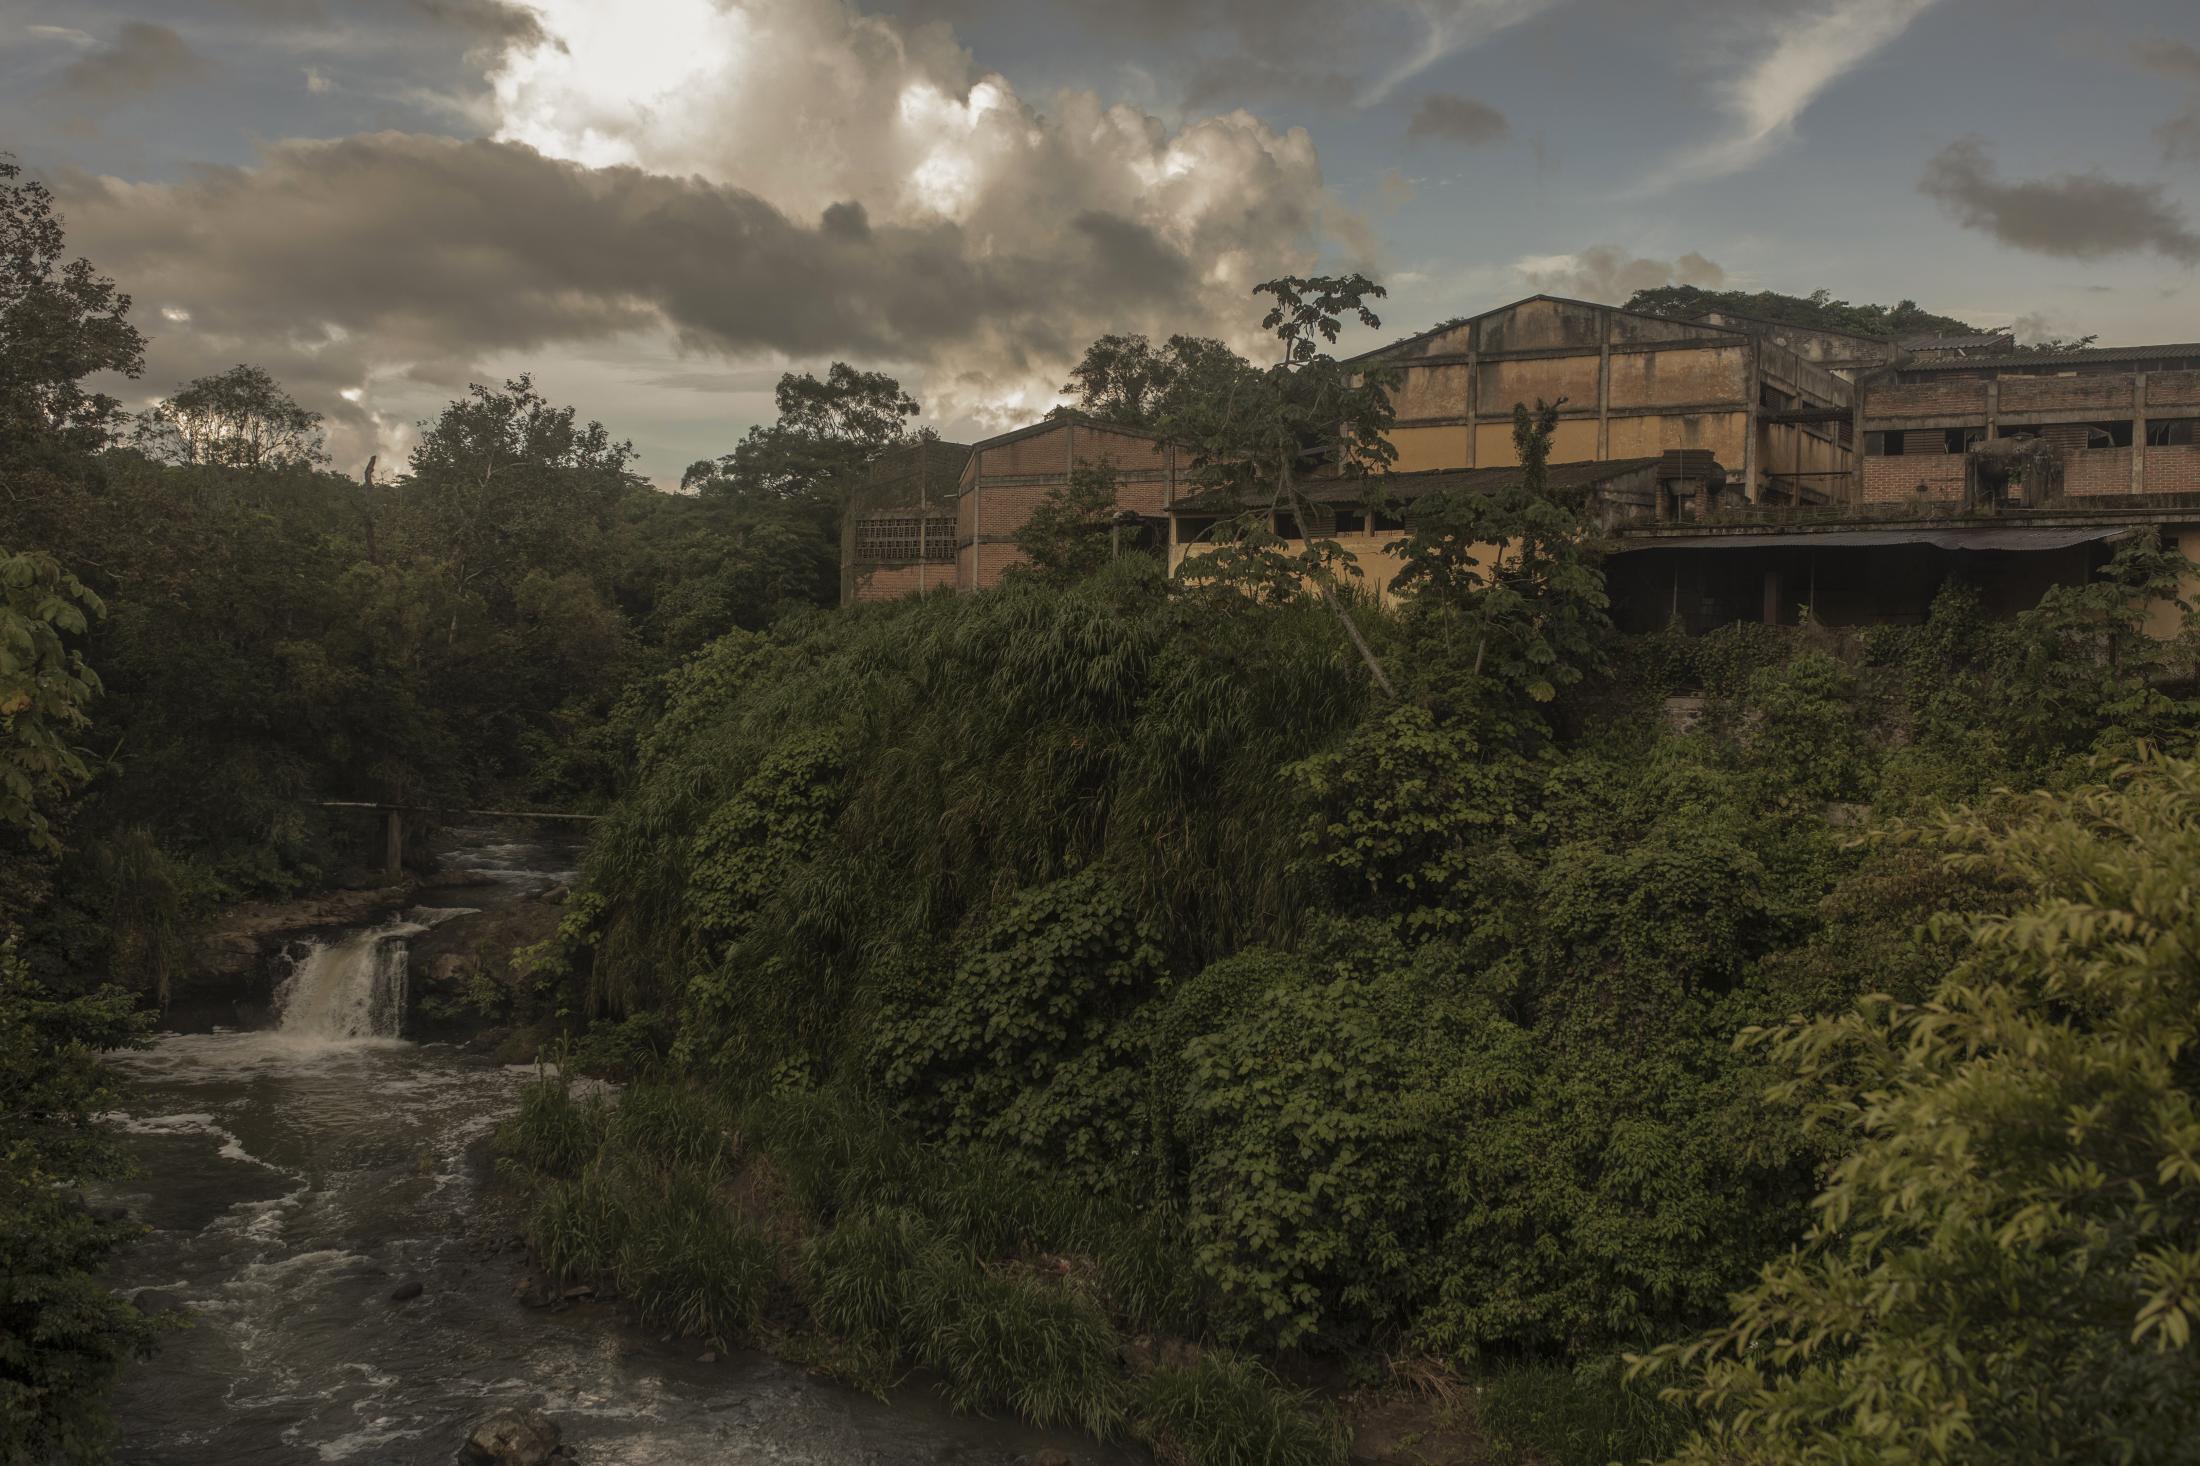 """Una fábrica de Café llamada """"Beneficio Puerto Rico"""", inaugurado por el presidente Gustavo Díaz Ordaz, luce abandonado luego de que en 1989 el estado dejó de suministrar recursos a los productores para mantener las operaciones de la planta, ubicada en Coatepec, Veracruz."""